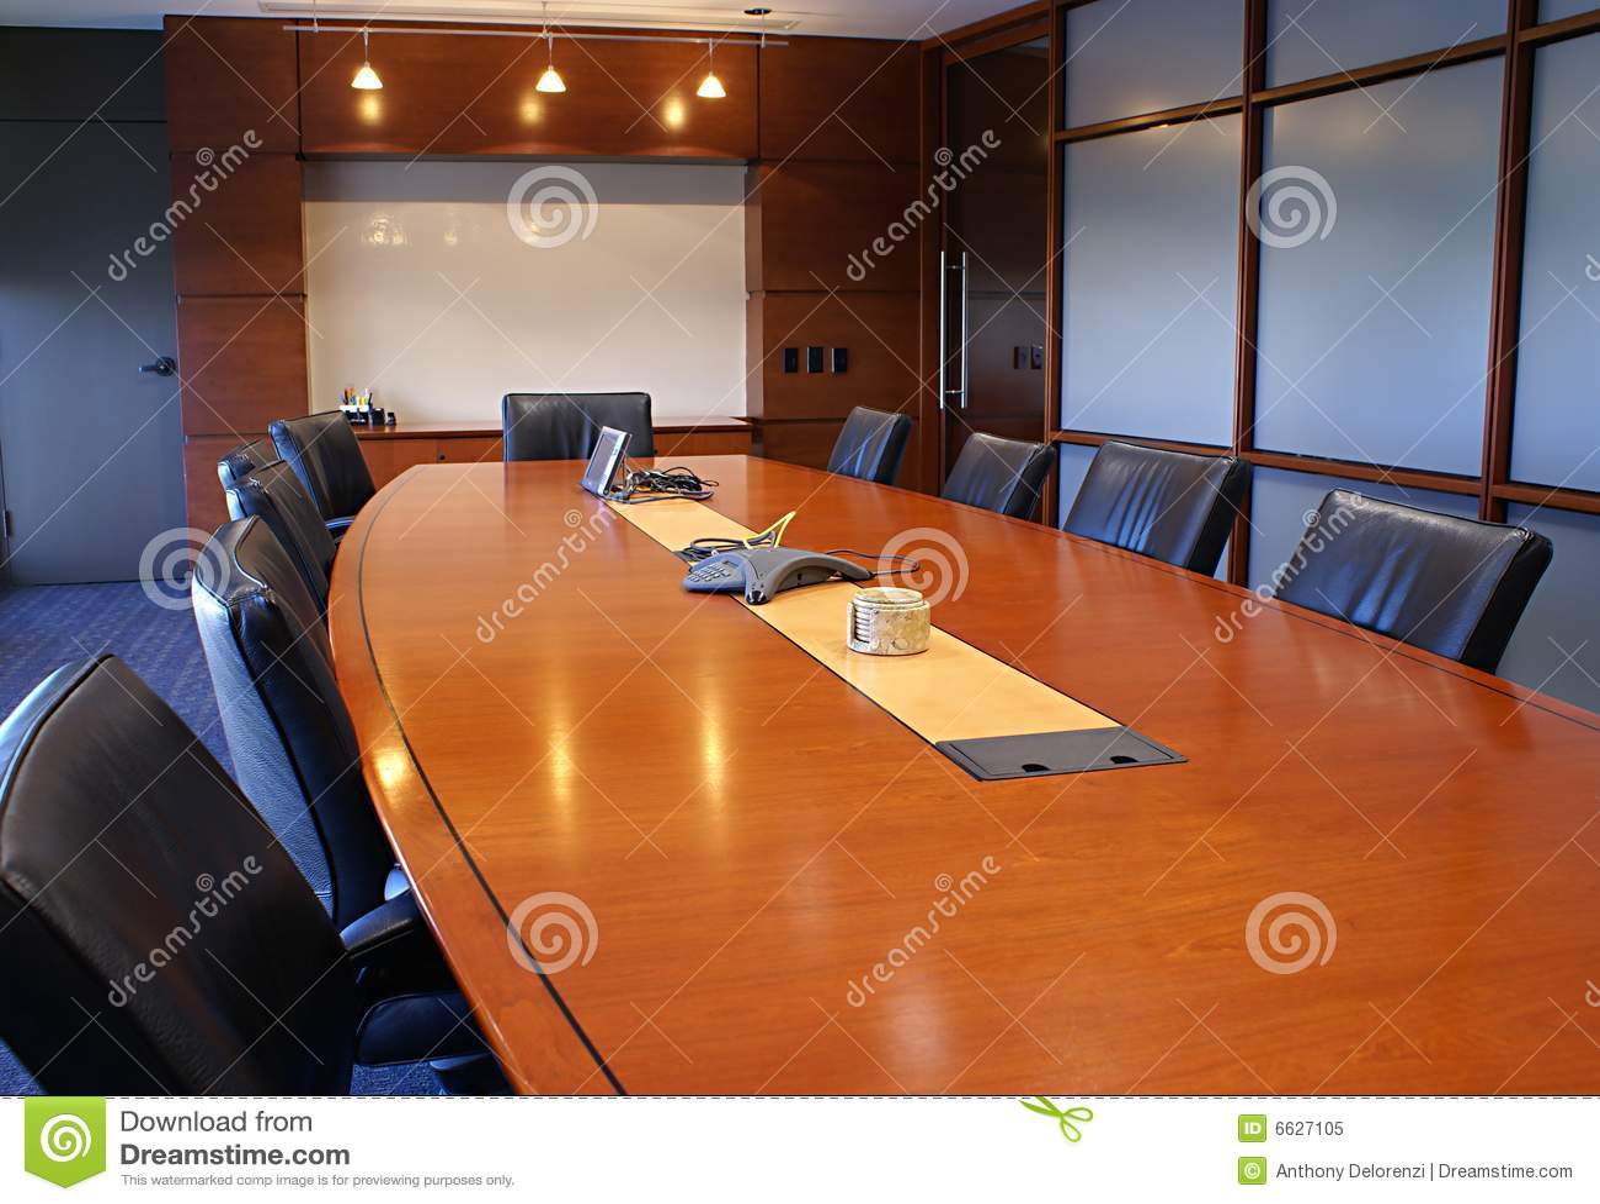 Quarto da formação ou de reunião corporativa.